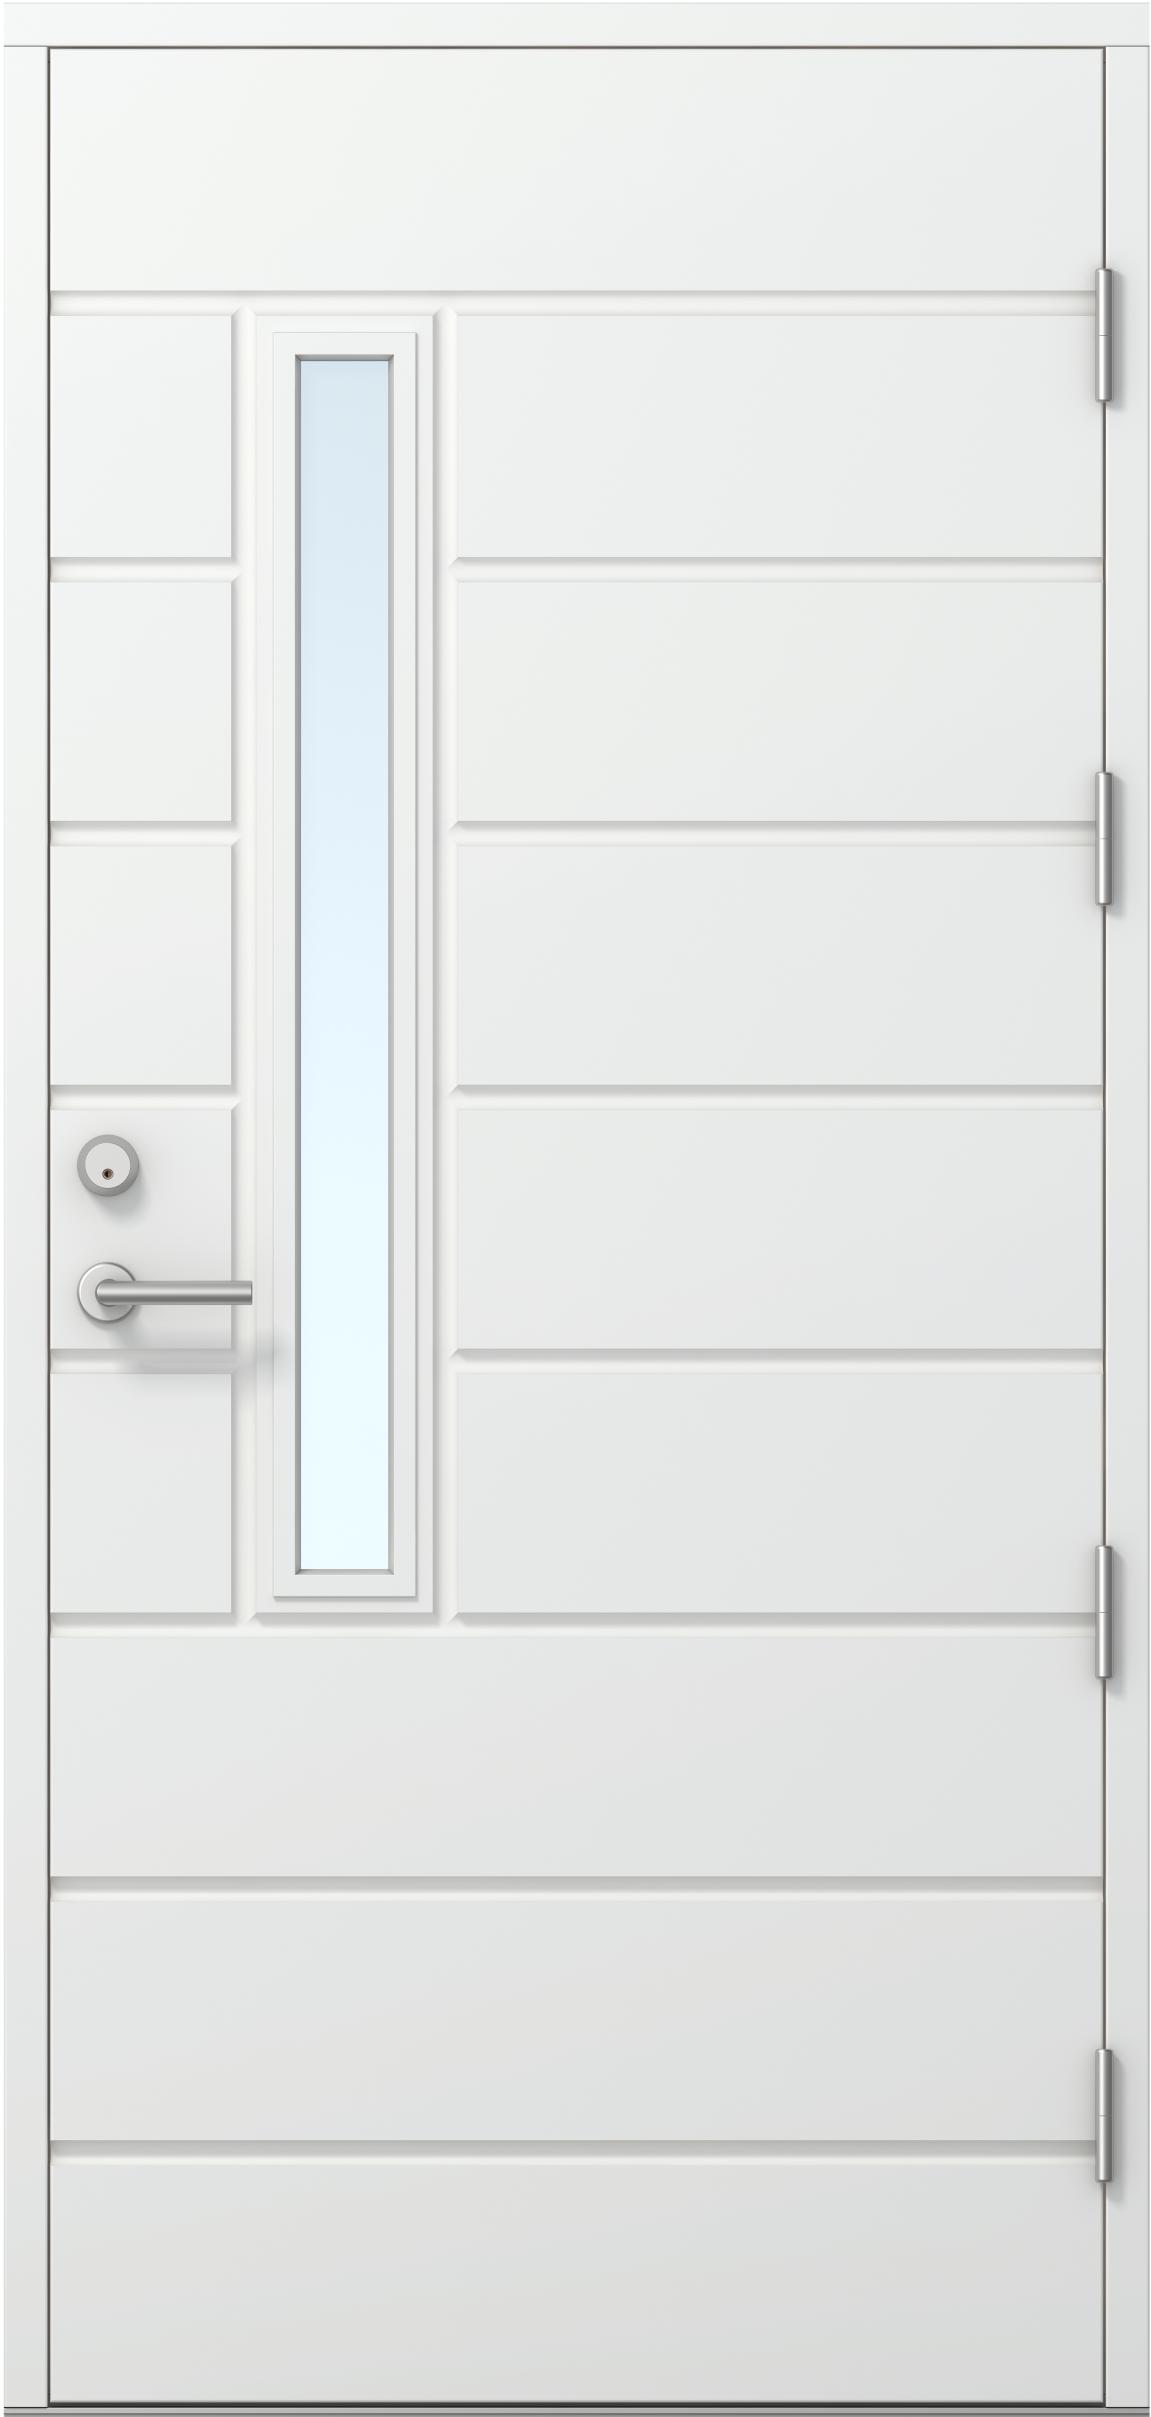 Ulko ovi ERCOMA2 valkoinen Thermo ovi  Ovet  Ulko ovet  Kaskipuu ulko ovet